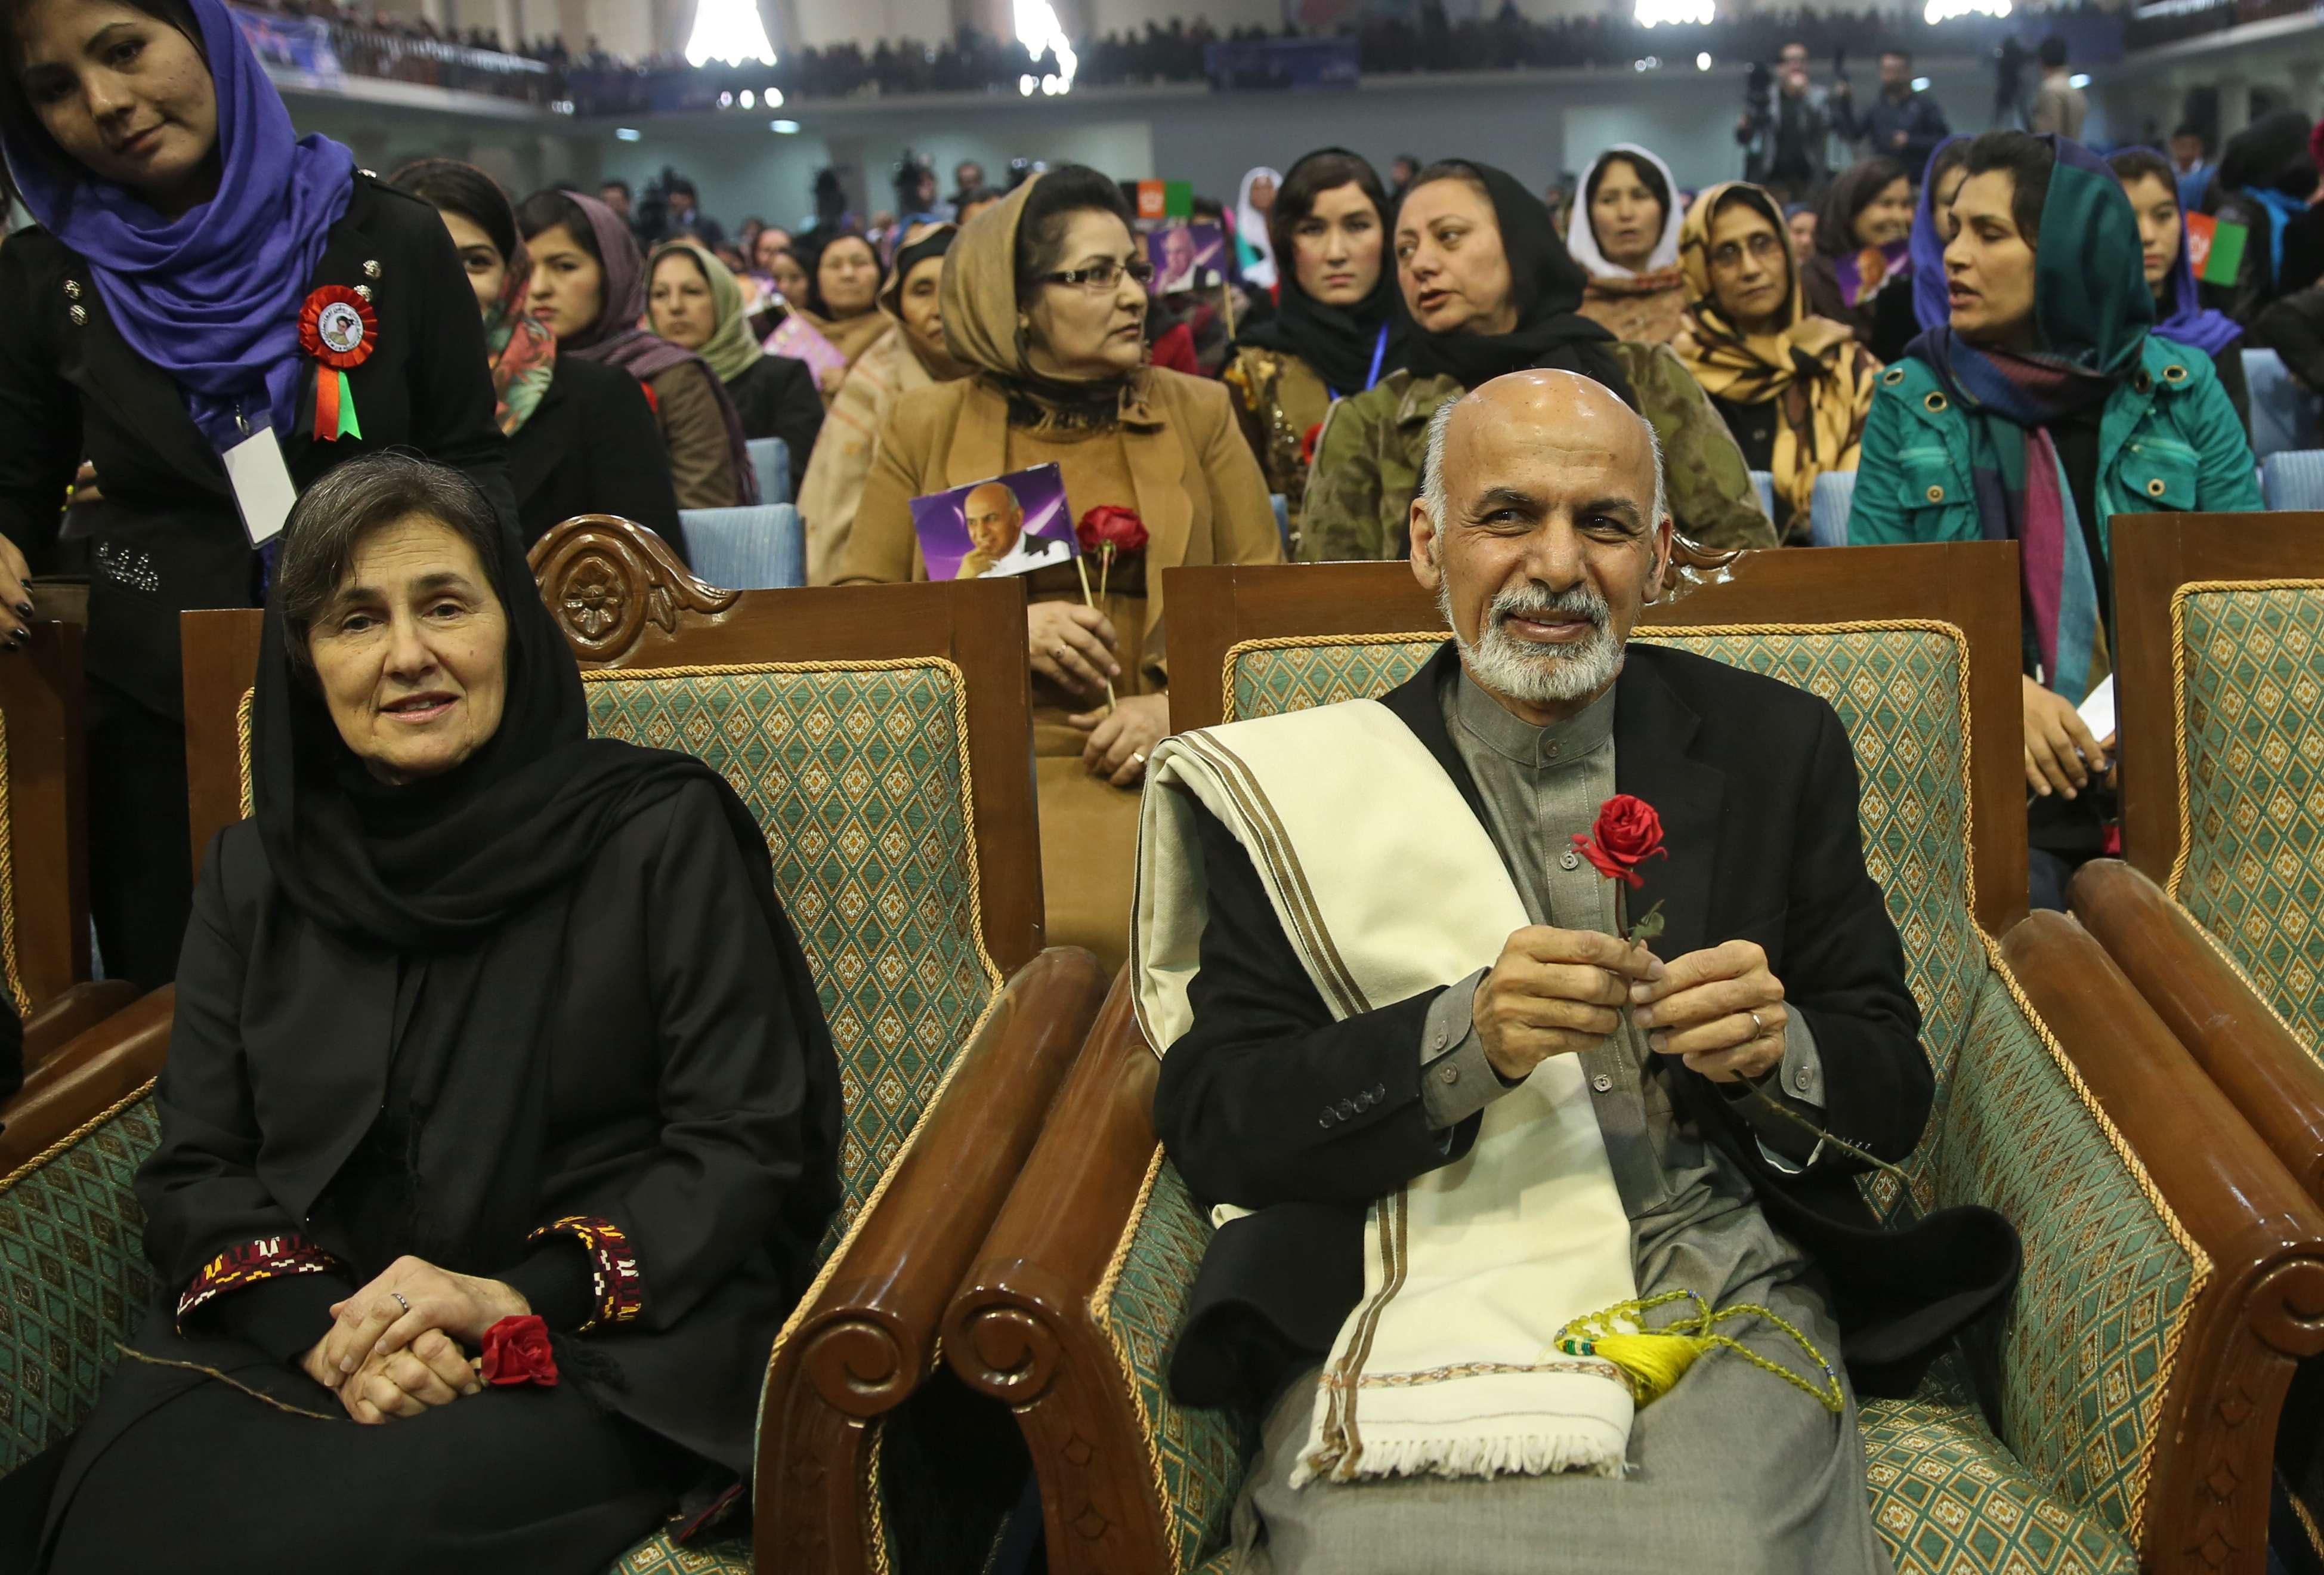 Rula Ghani (izquierda), de 66 años de edad, reconoce el trabajo de las mujeres por mejorar sus condiciones, pese a la discriminación y la violencia. Foto: Archivo/AP en español